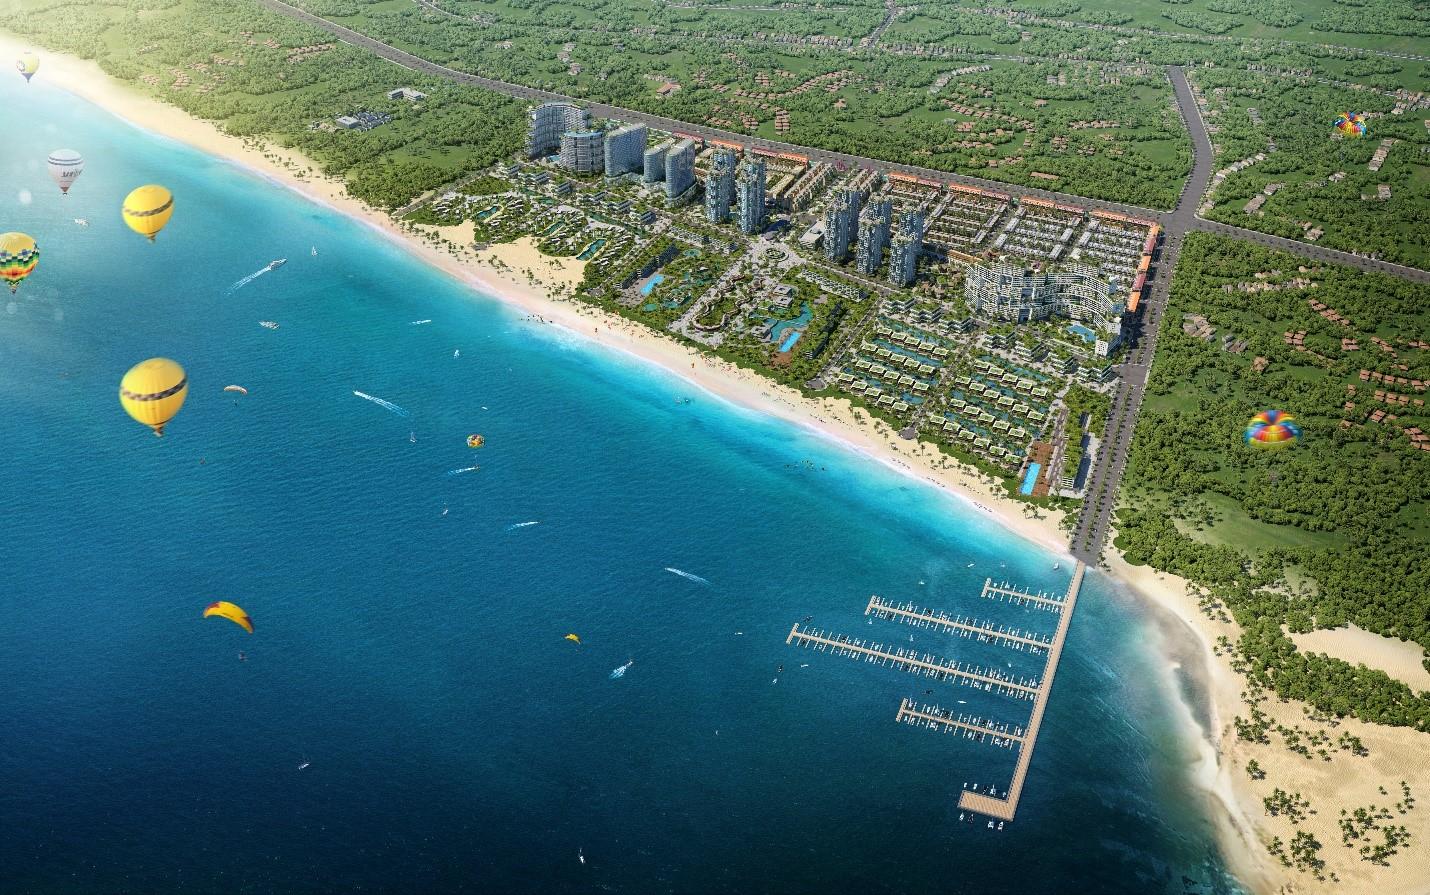 Căn hộ biển Wyndham Coast - một phân khu của đô thị nghỉ dưỡng và thể thao biển Thanh Long Bay tại Bình Thuận. Ảnh phối cảnh: Nam Group.